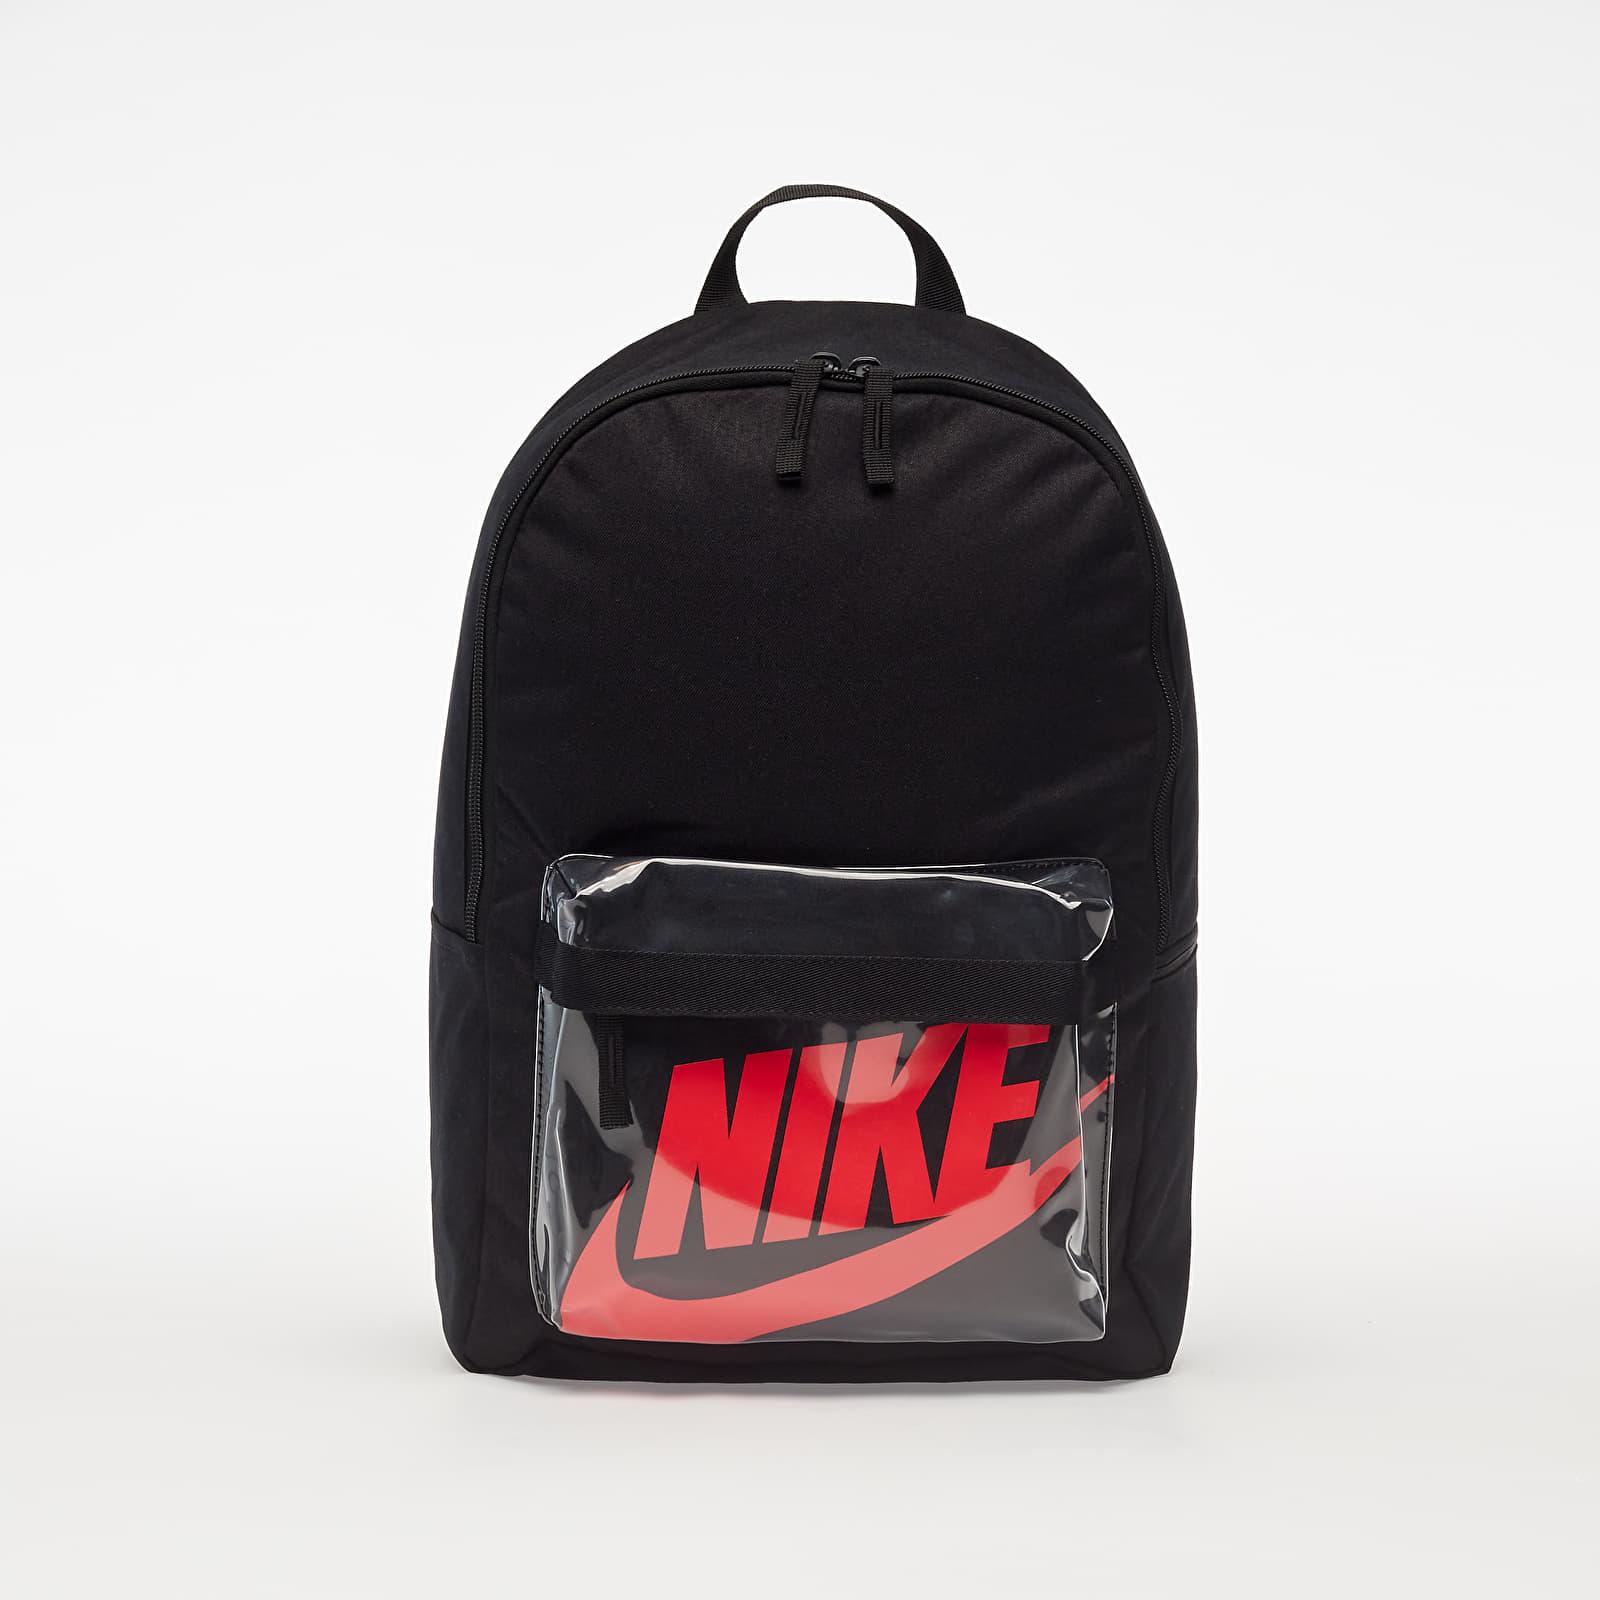 Balo Nike Heritage 2.0 Backpack